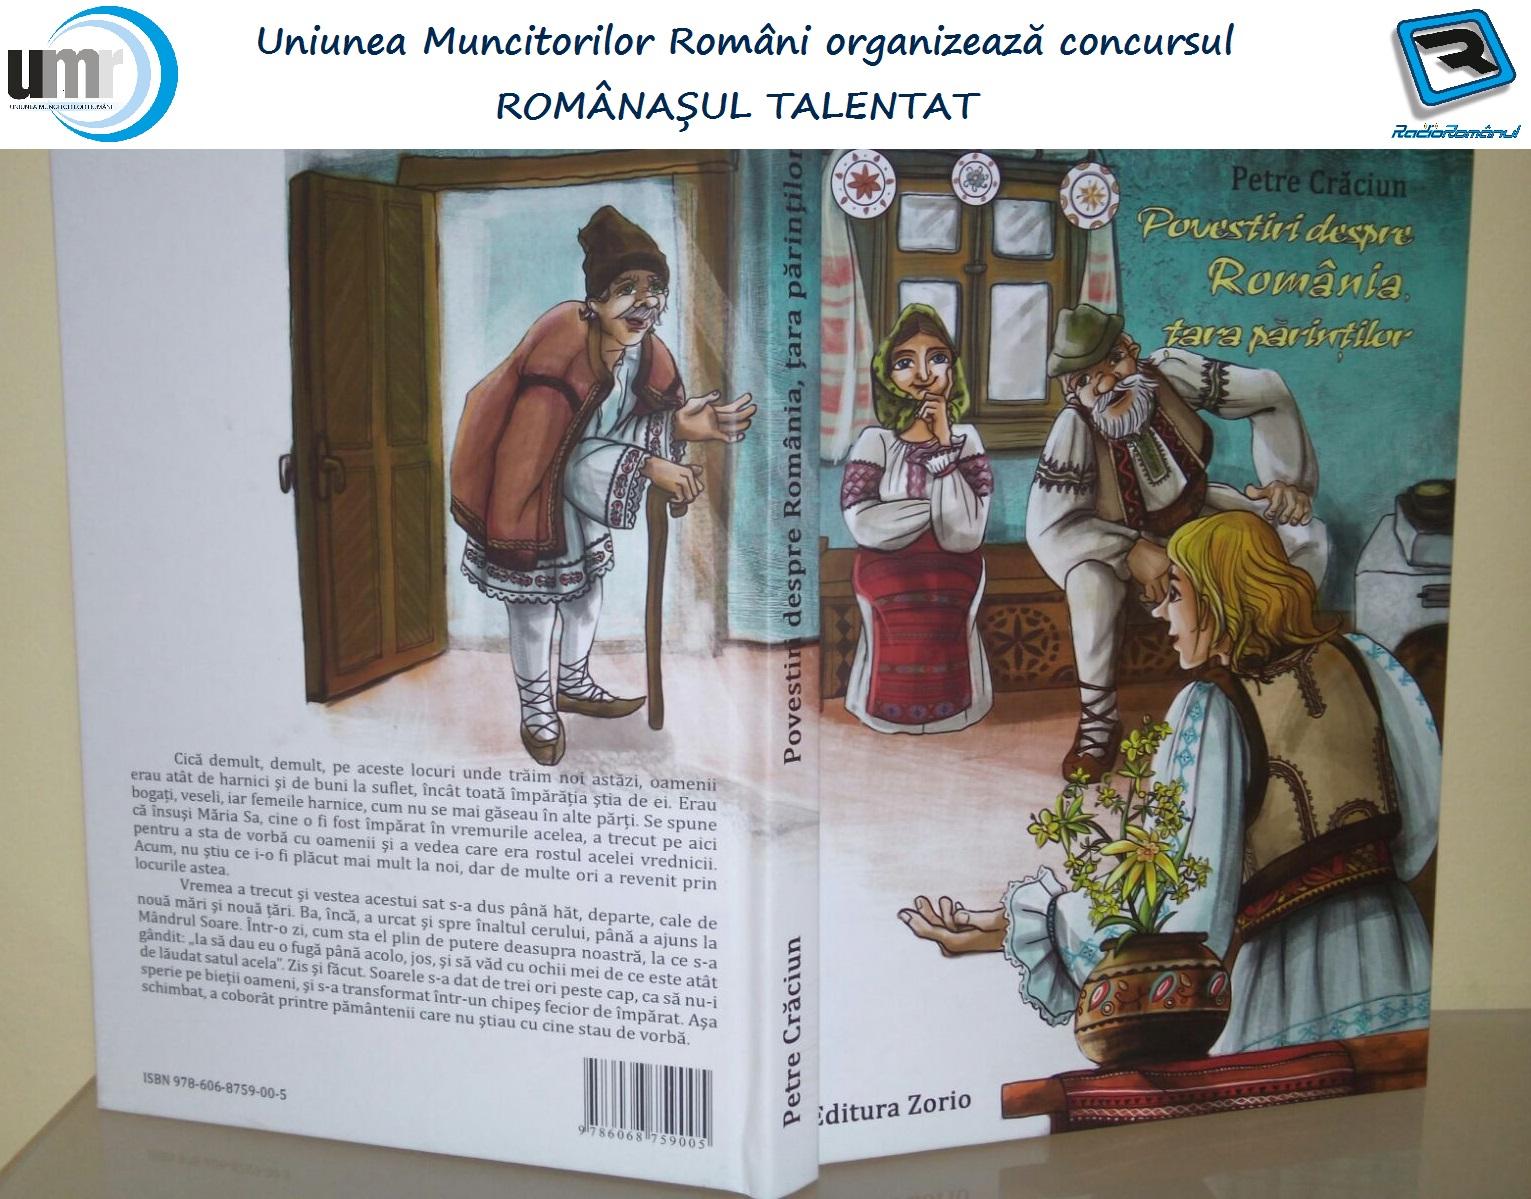 """Uniunea Muncitorilor Români organizează, cu sprijinul colaboratorilor, Concursul """"Românașul Talentat"""""""